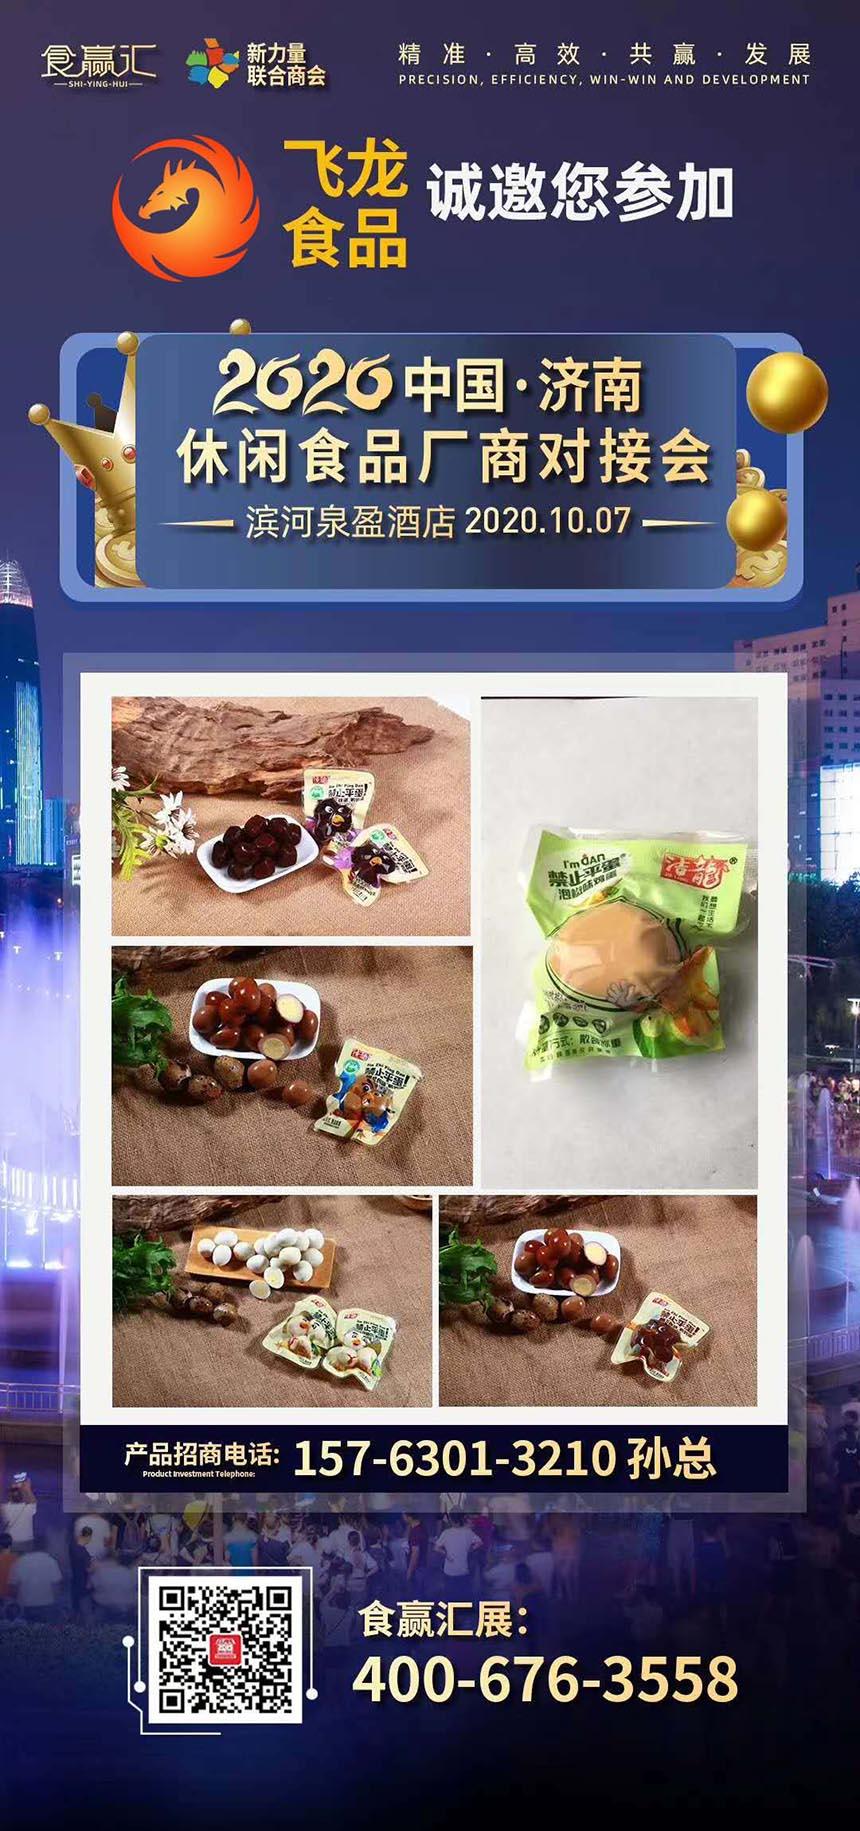 寿光市飞龙食品有限公司